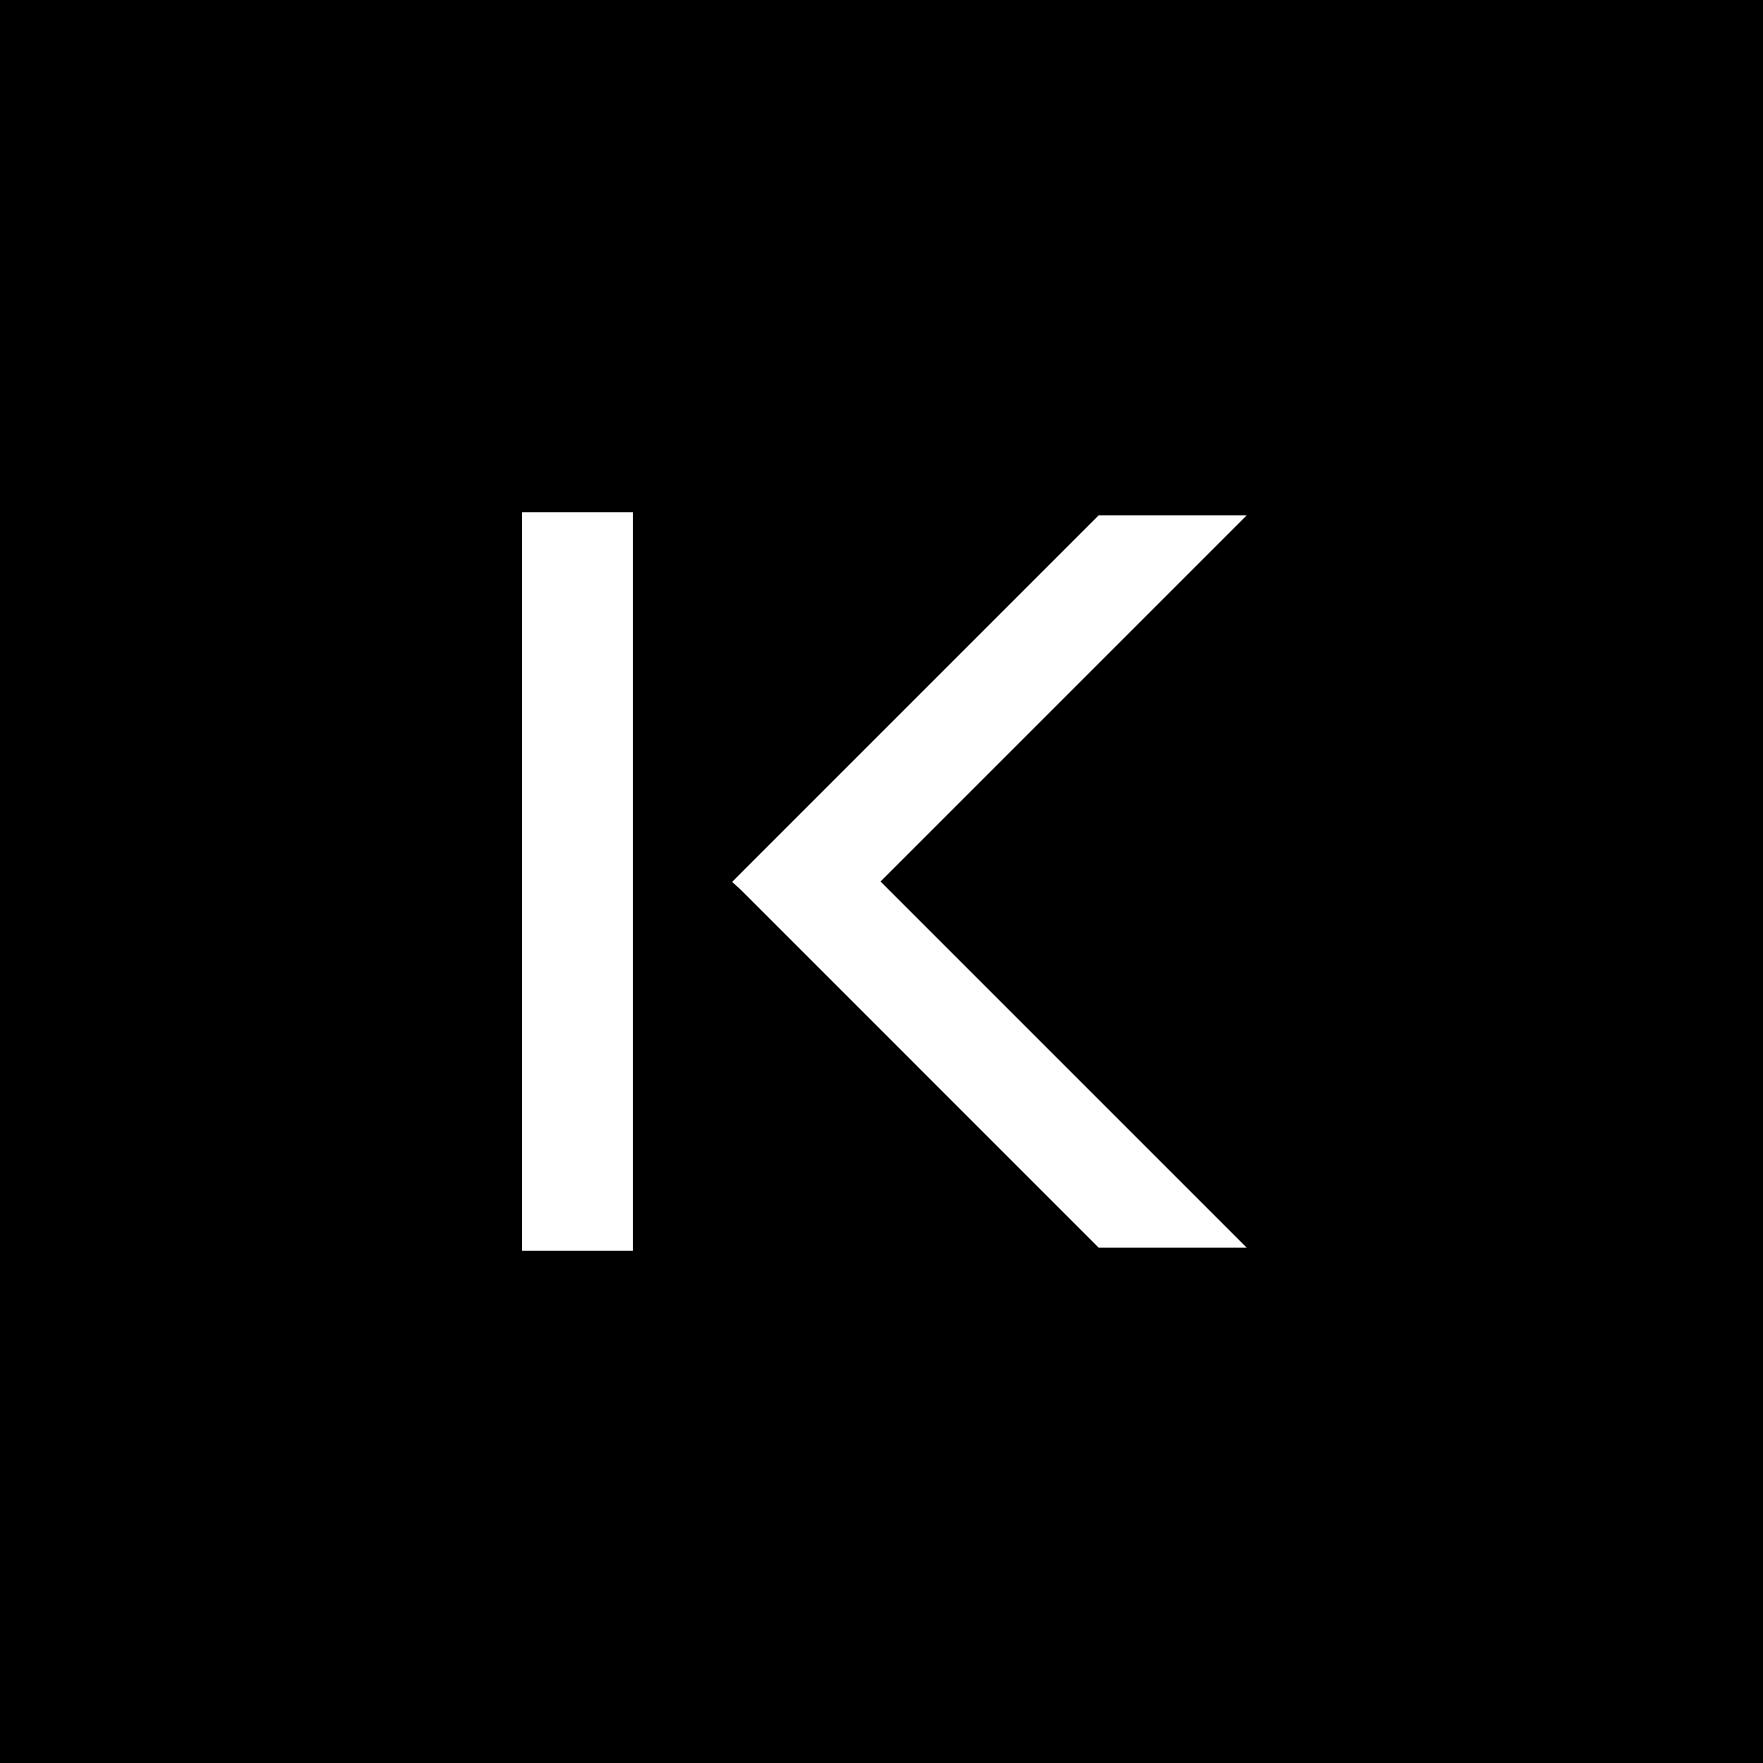 Keyless logo